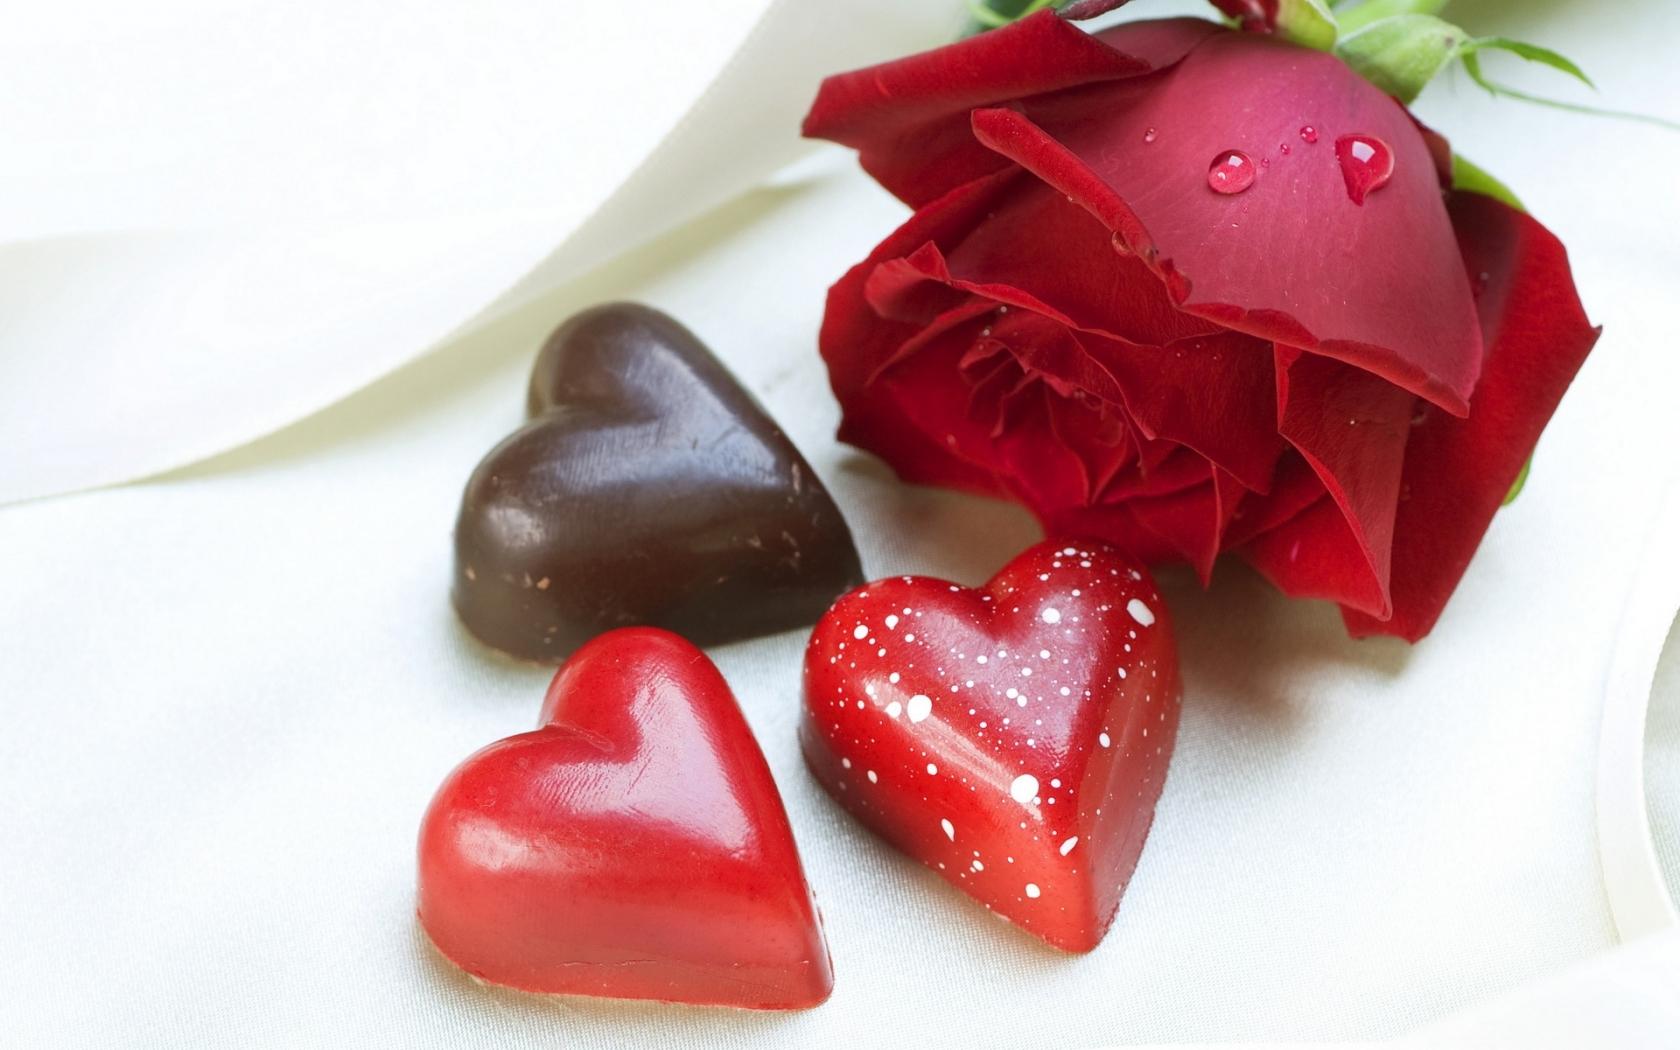 Regalos para San Valentín - 1680x1050